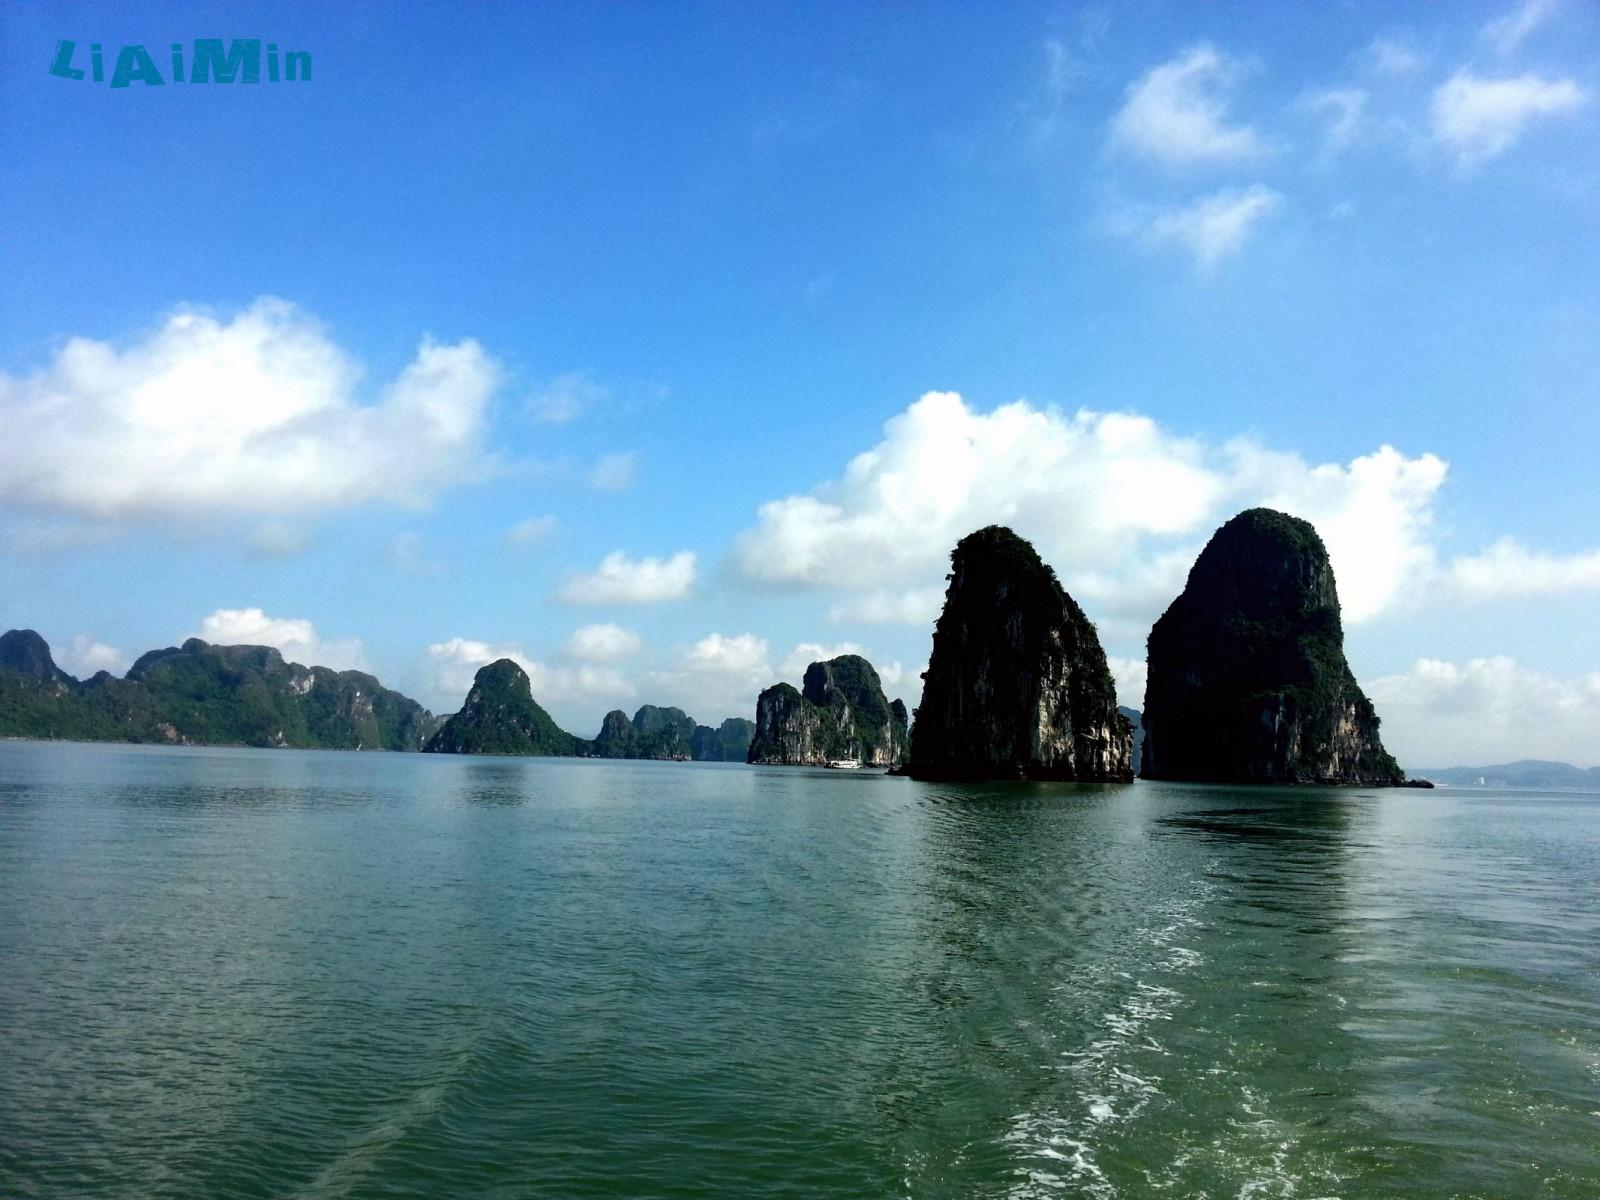 越南风景图片真实